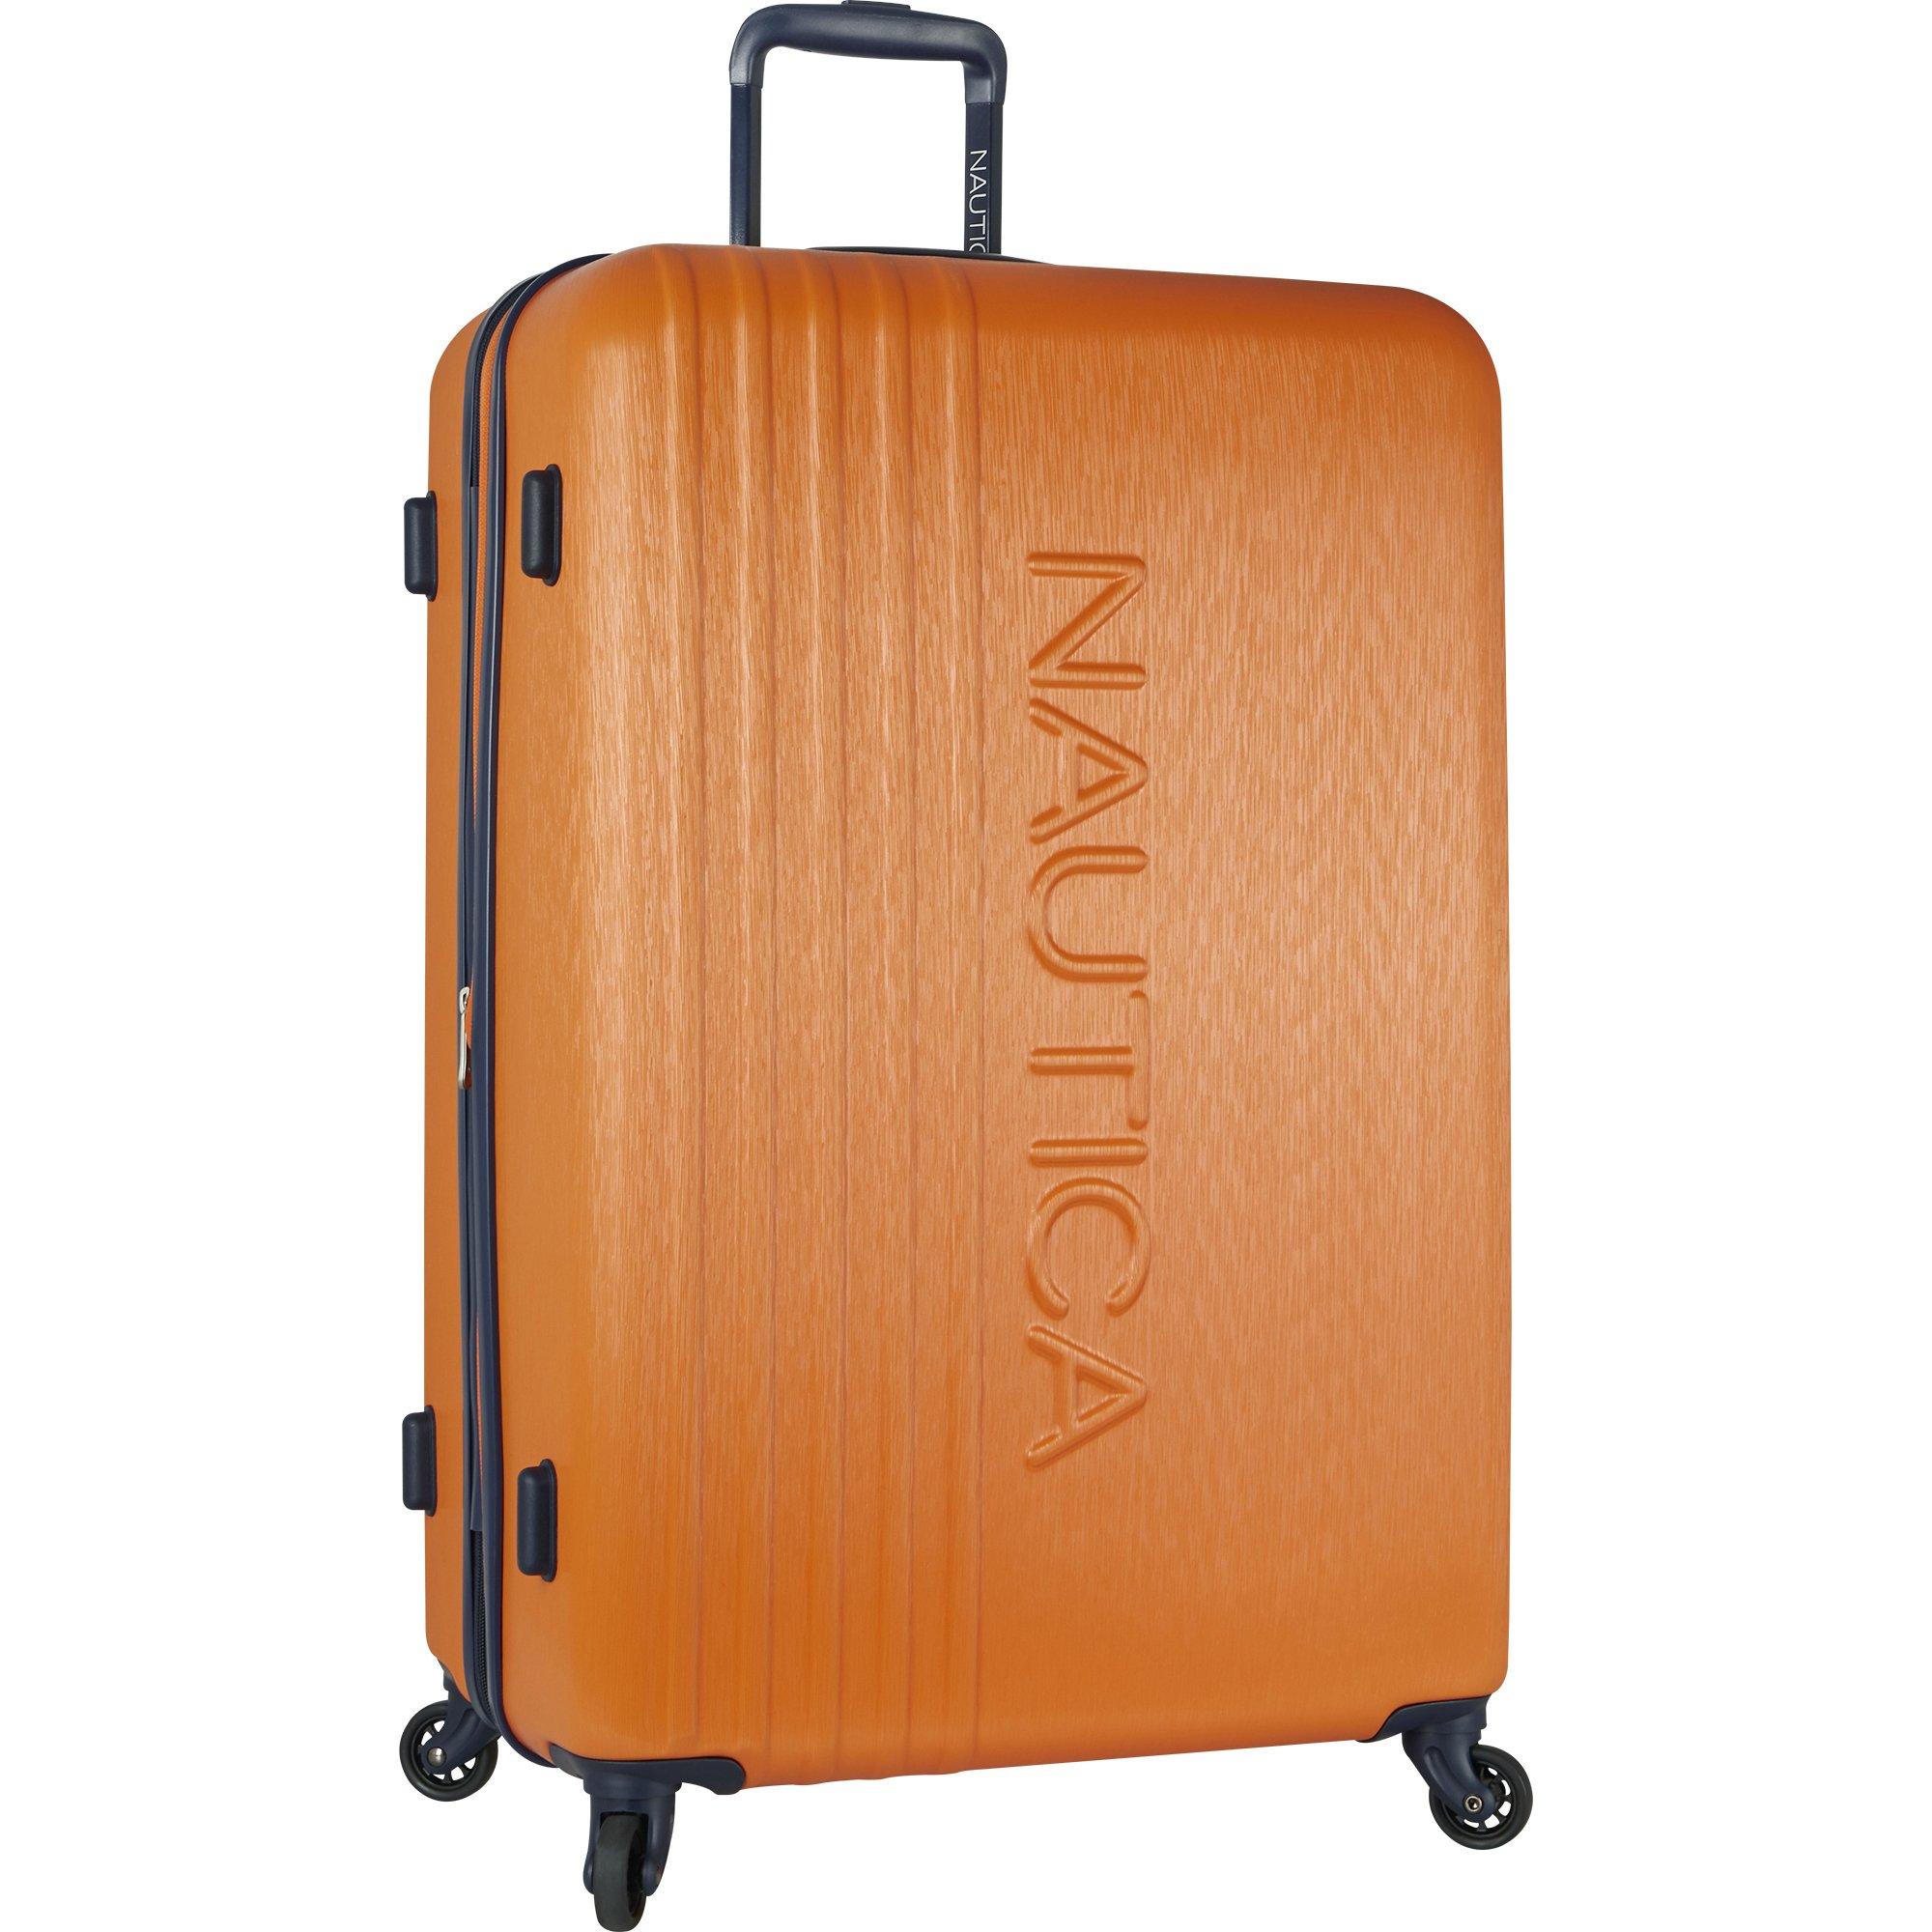 Nautica Hardside Expandable 4 Wheeled Luggage 28